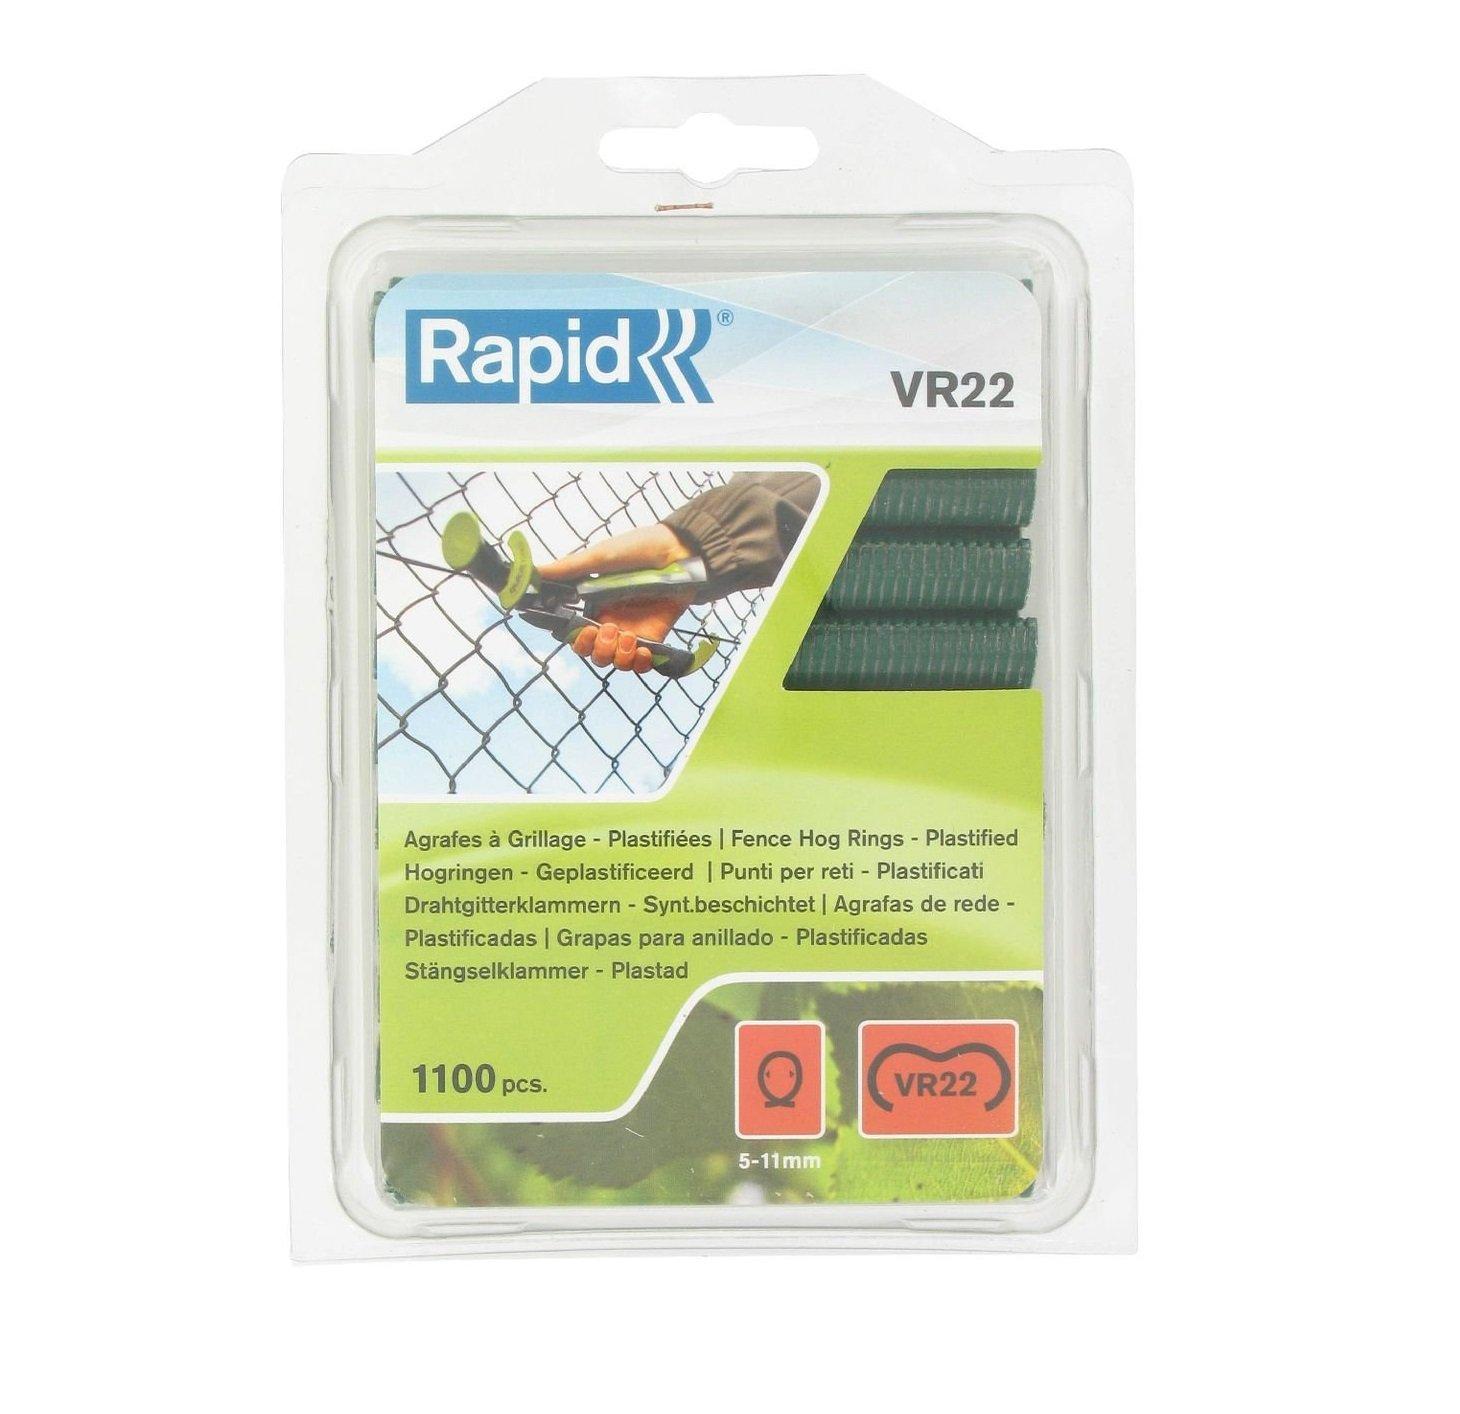 40108807 Haute qualit/é Agrafes de grillage galvanis/ées vertes 1100 pi/èces 5-11 mm Rapid VR22